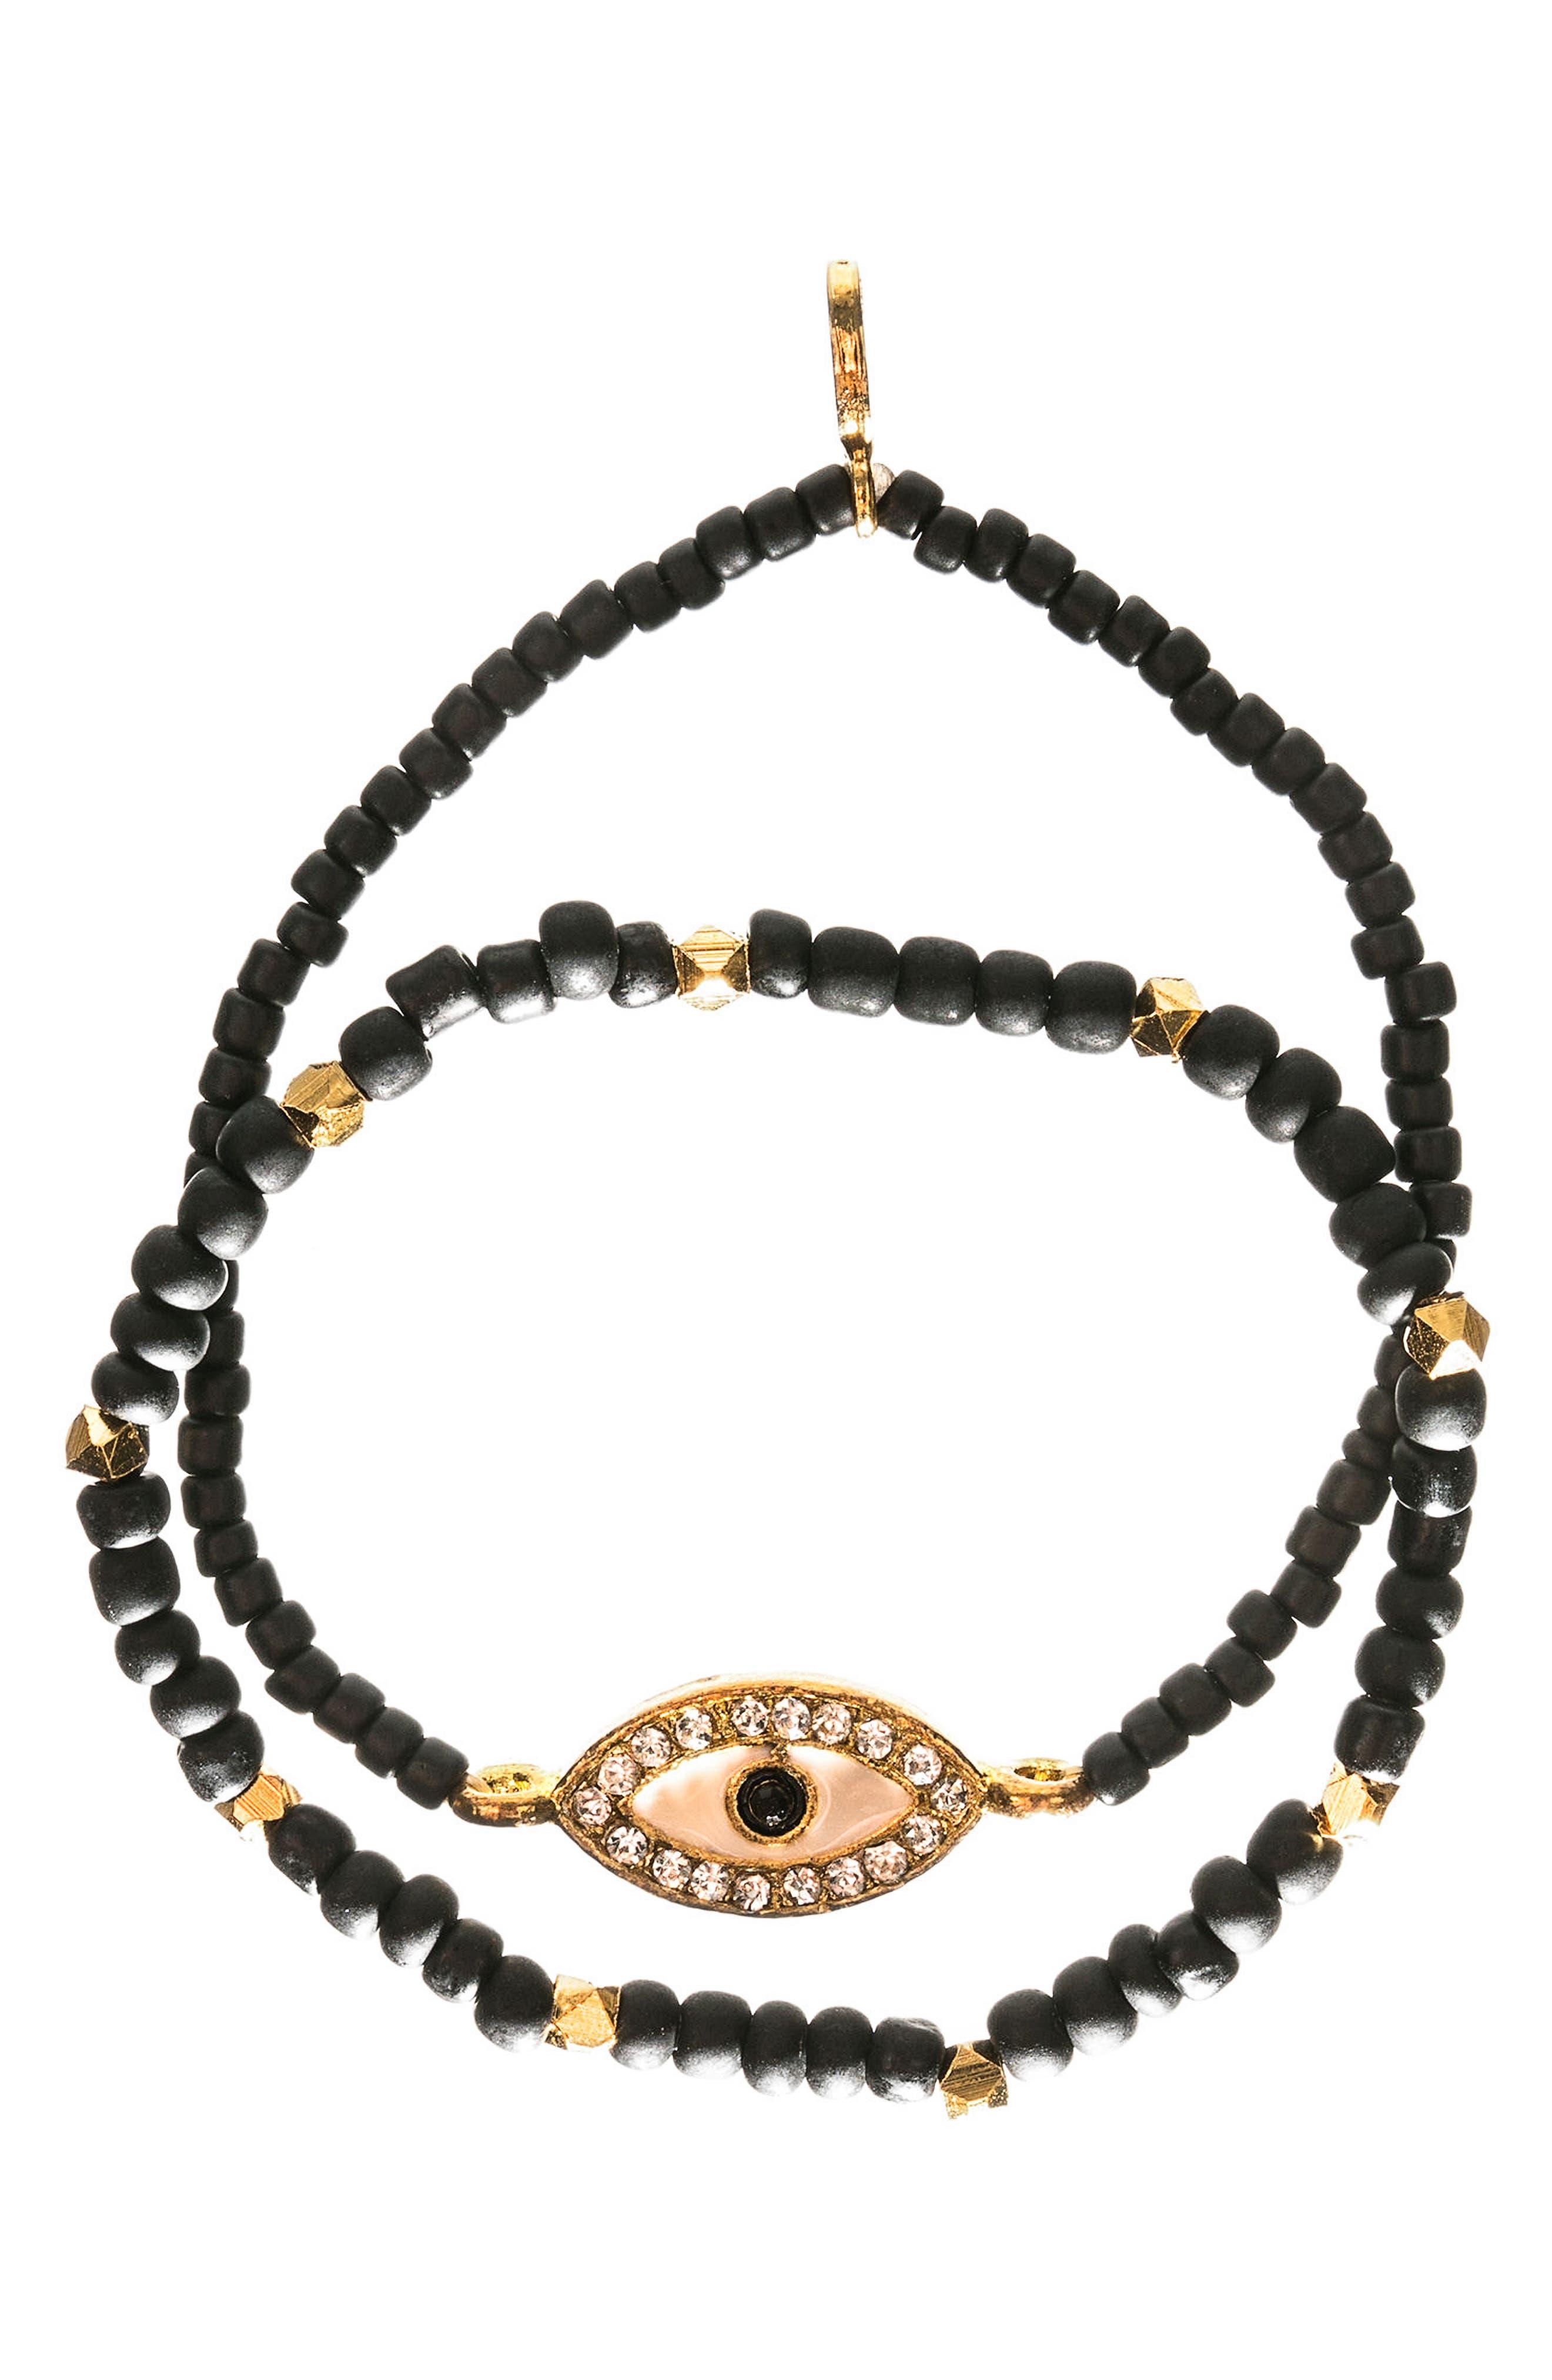 MHART Evil Eye Set of 2 Beaded Stretch Bracelets